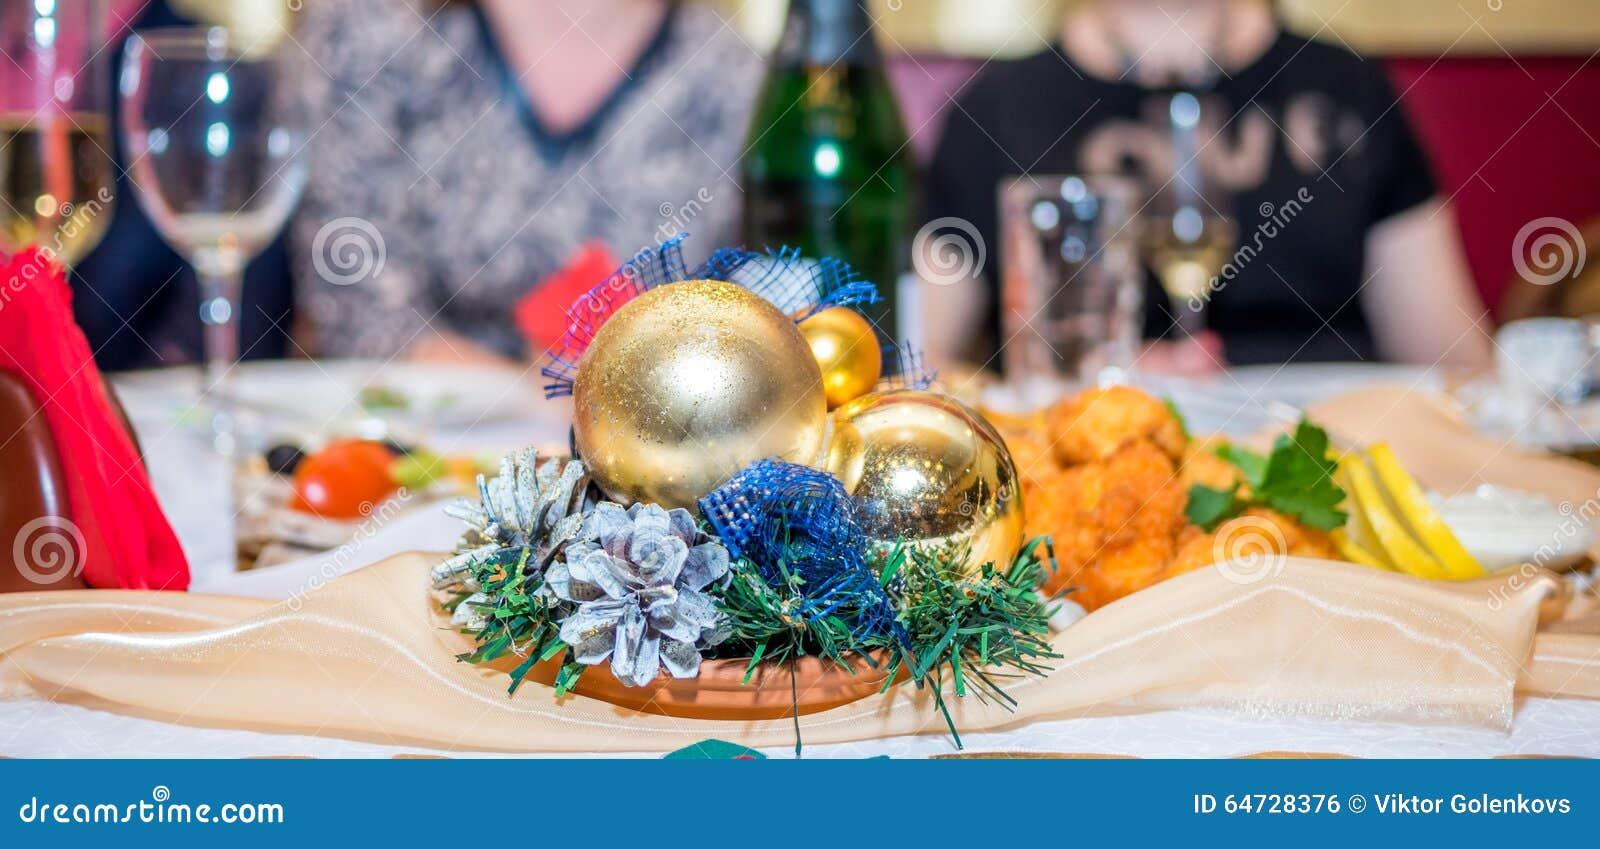 Traditioneel verfraaide Kerstmislijst